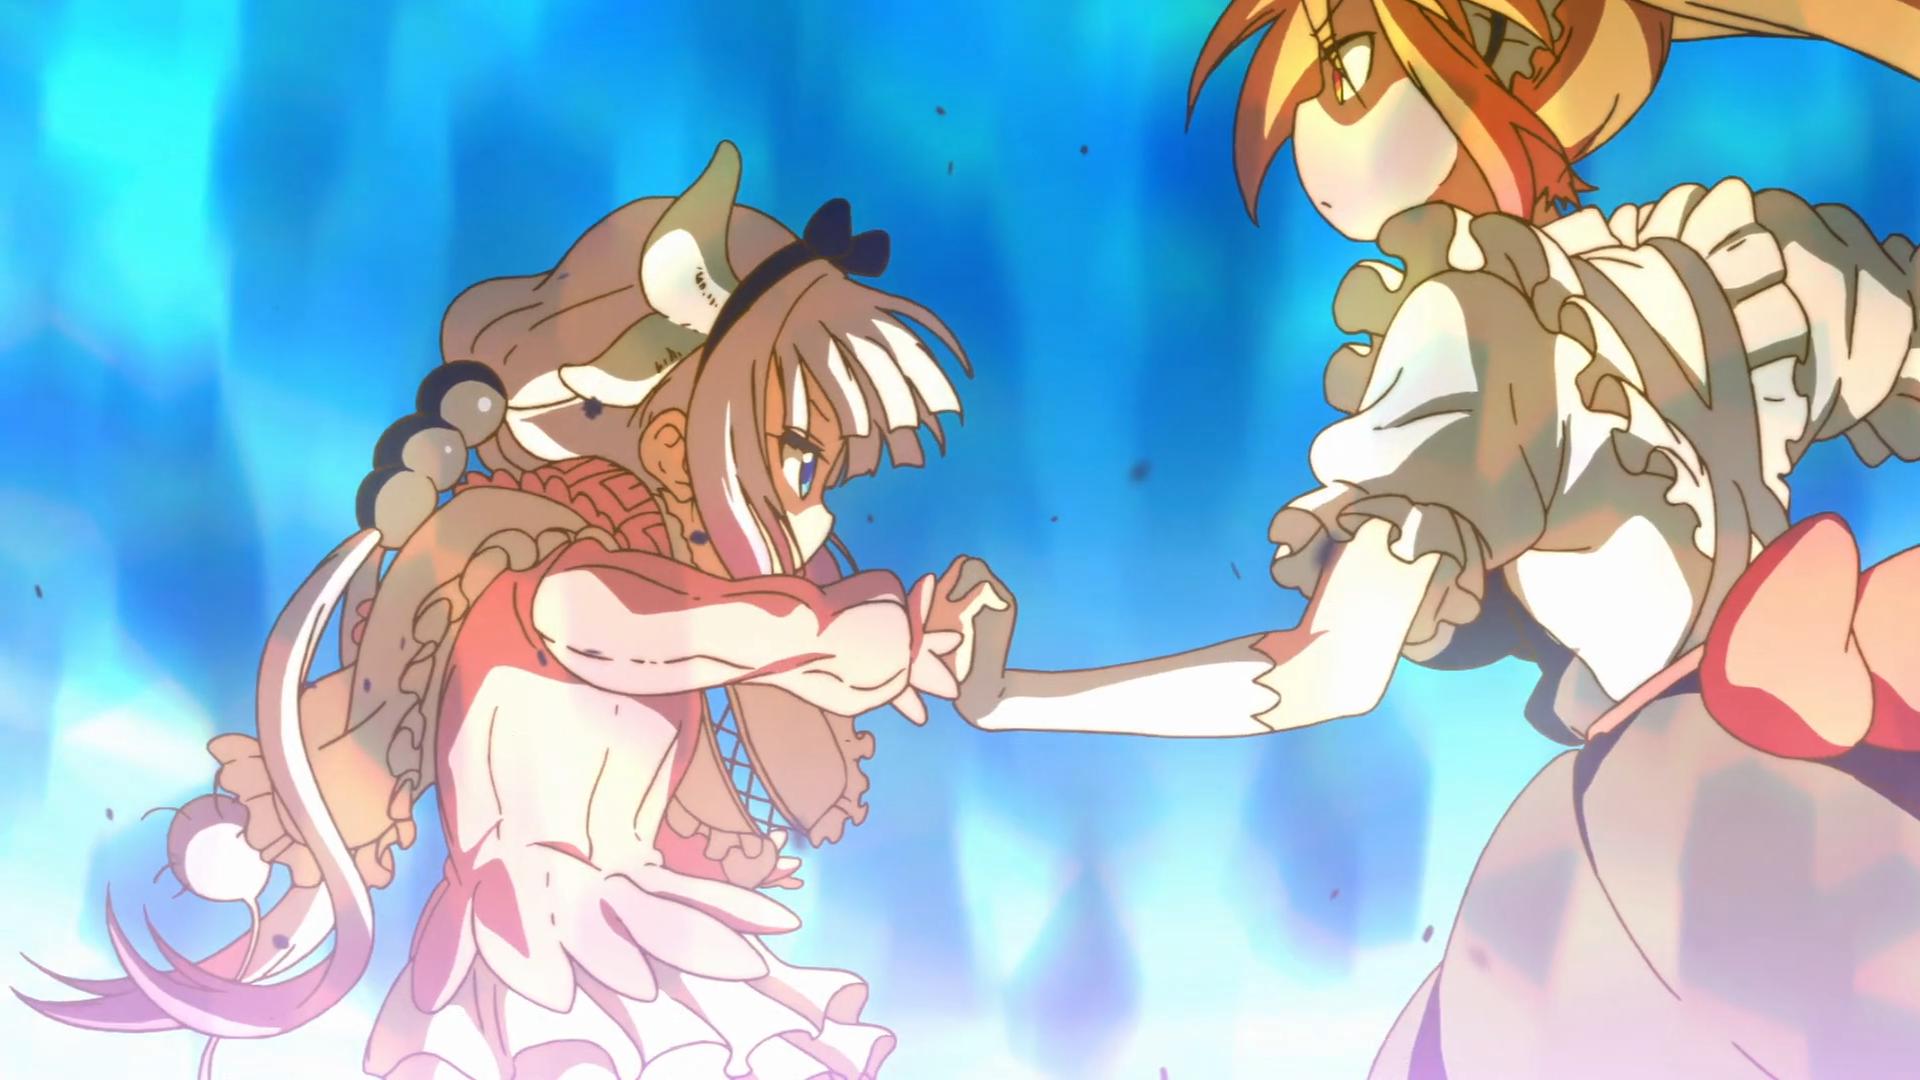 Kanna e Tohru giocano a fare la lotta. Lotta fra draghi.